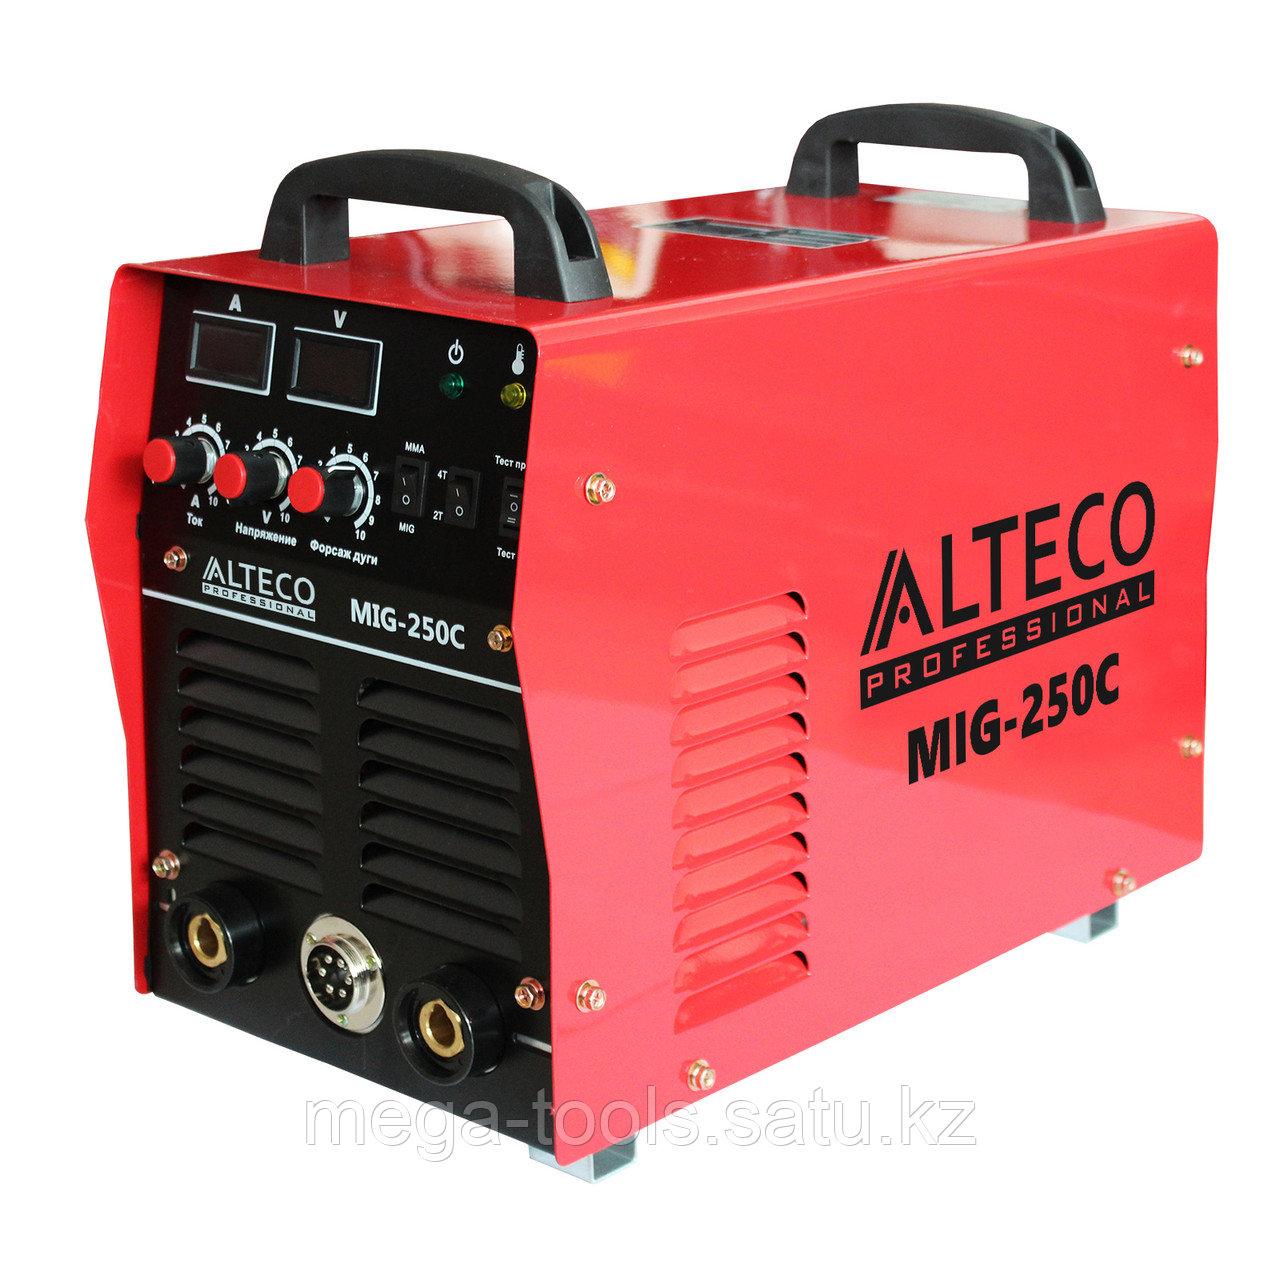 Сварочный аппарат ALTECO MIG 250 C